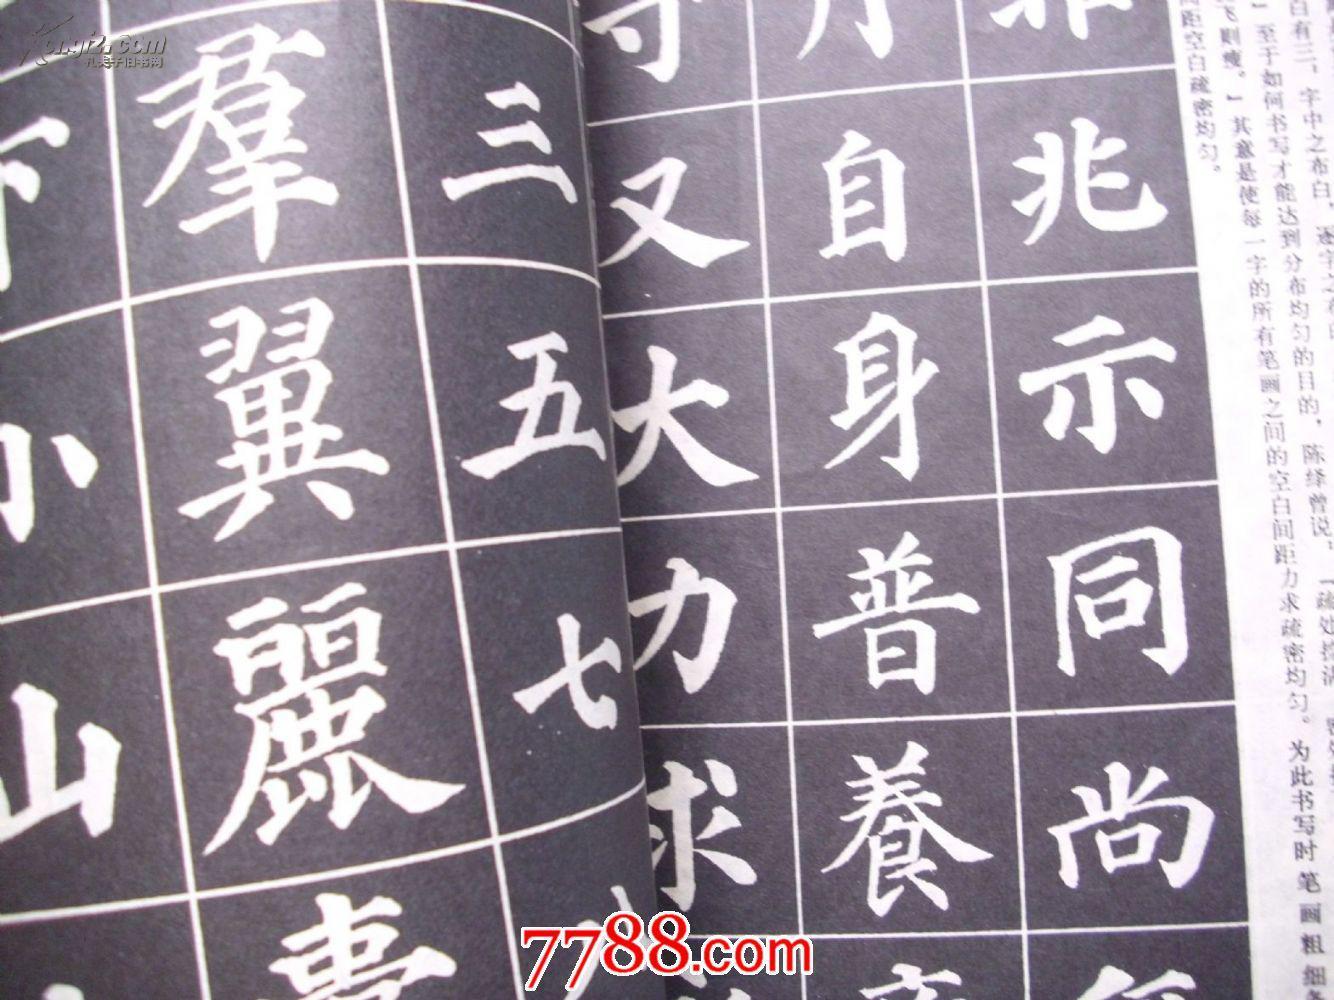 【图】颜体楷书间架结构习字帖